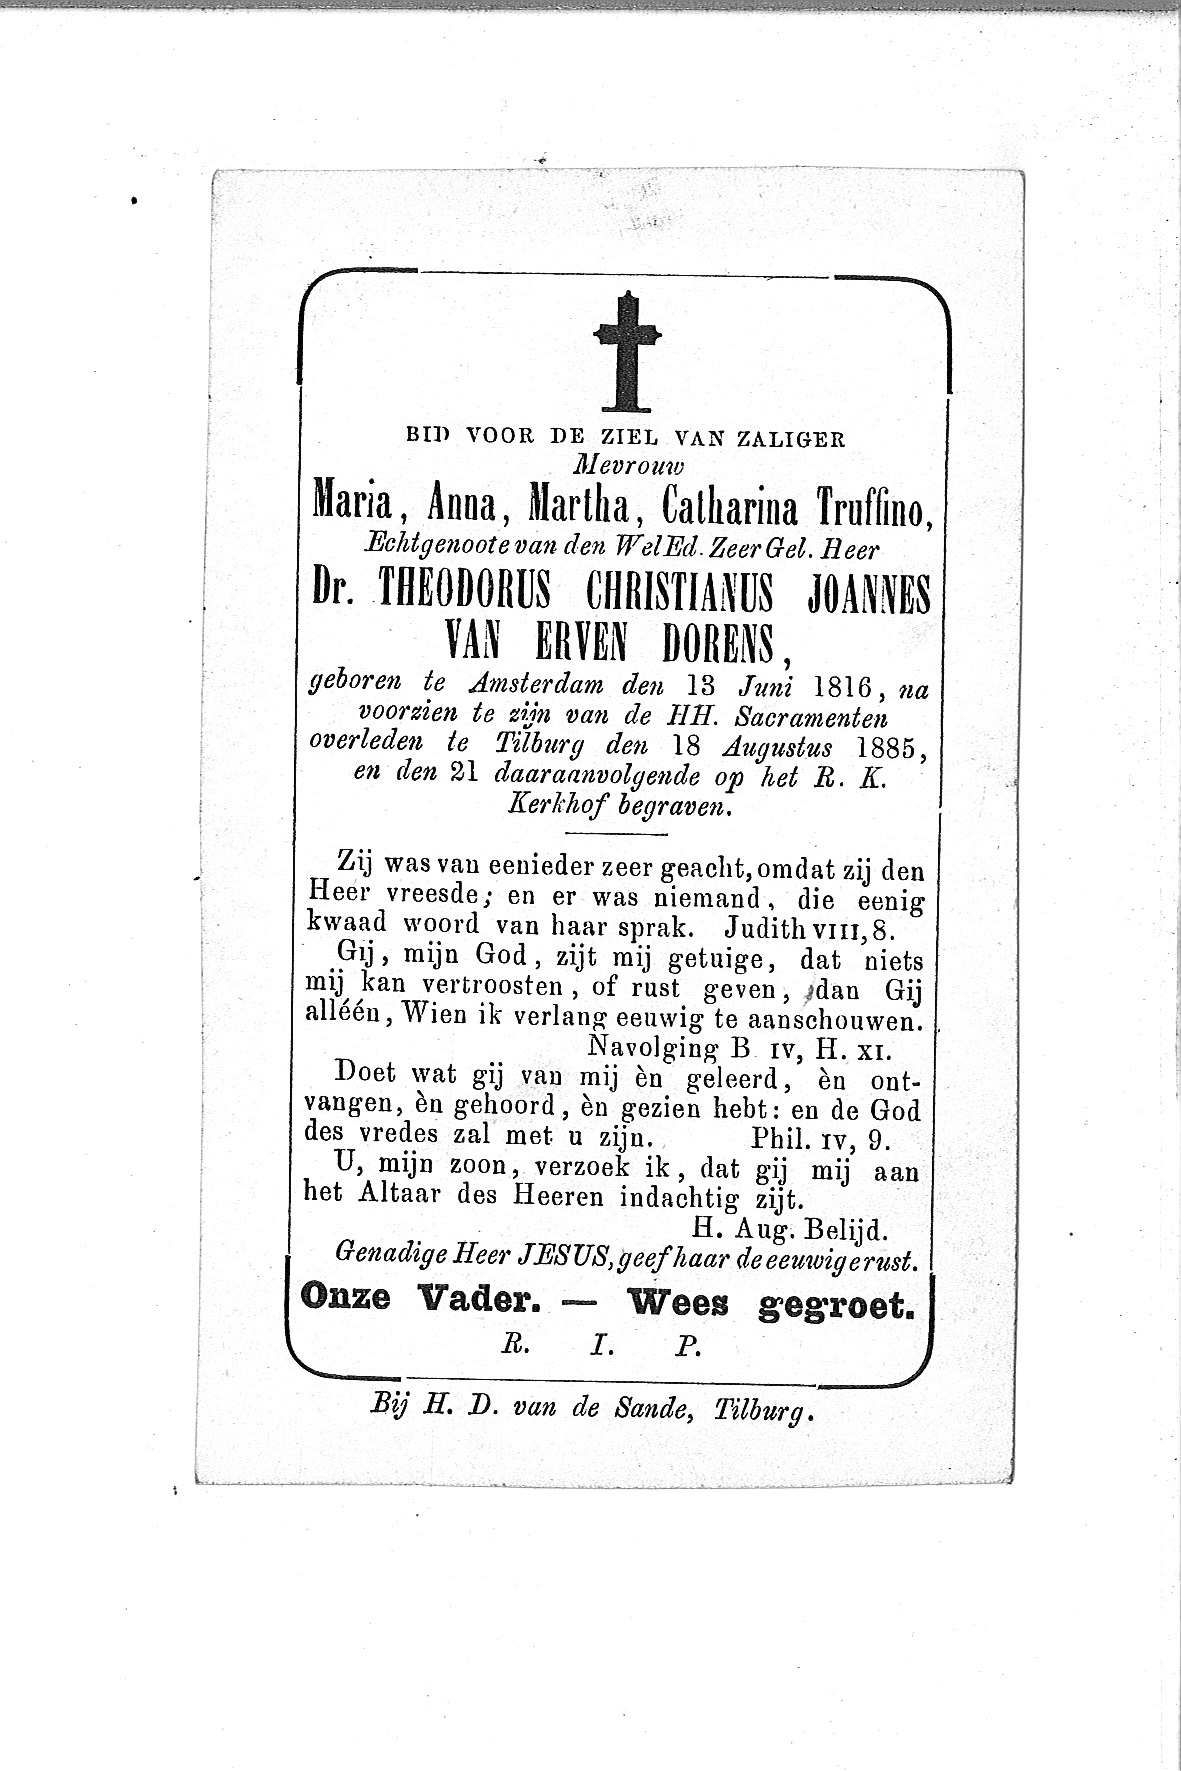 Maria-Anna-Martha-Catharina(1885)20120621134457_00128.jpg